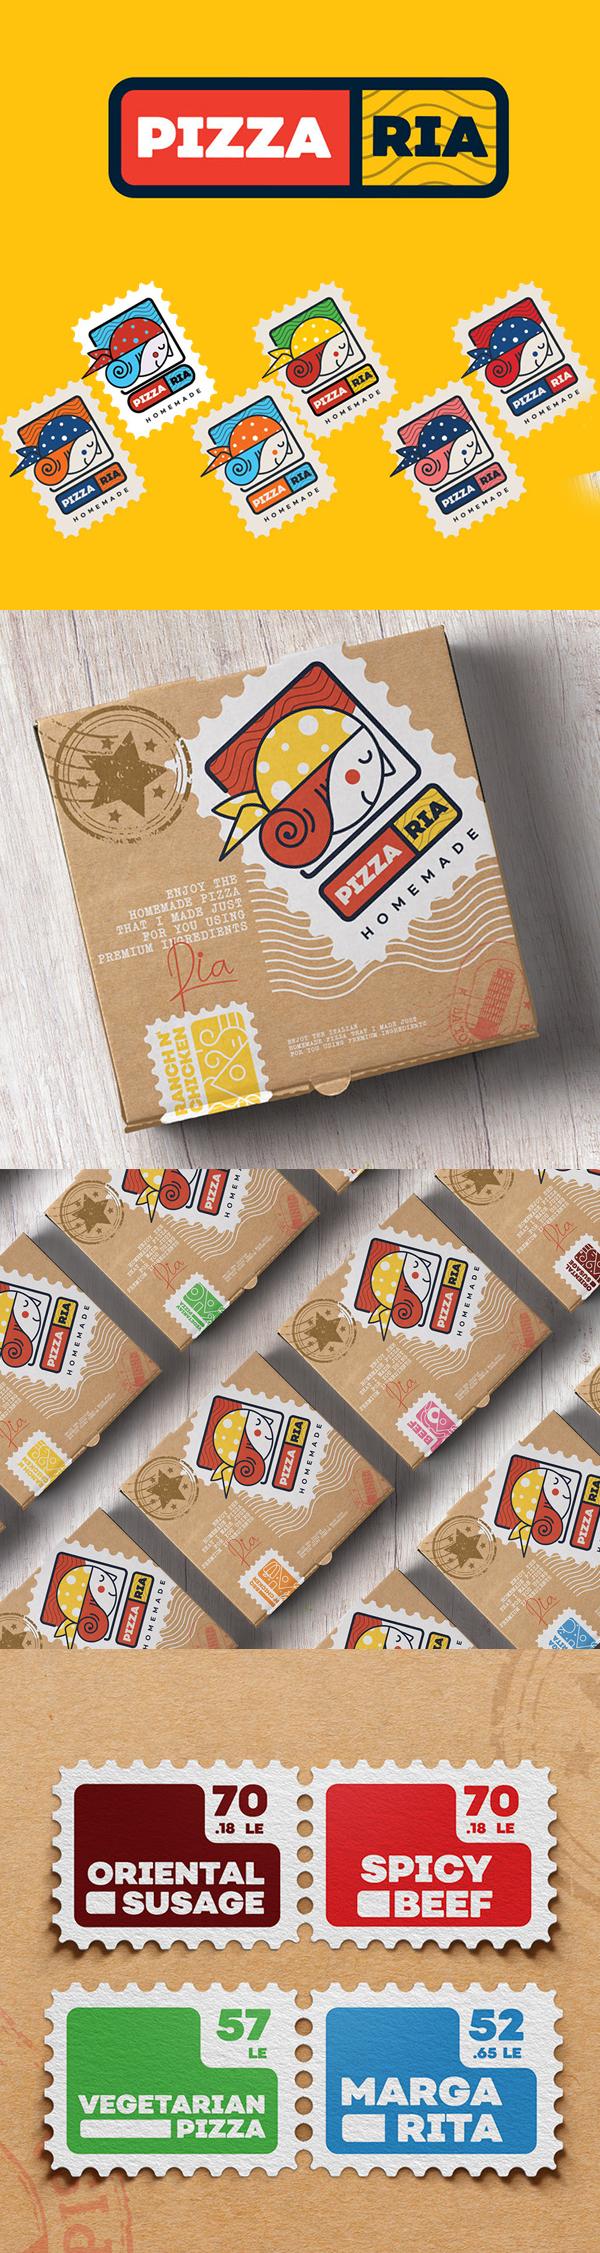 Branding: PizzaRia Branding by Basem Amer